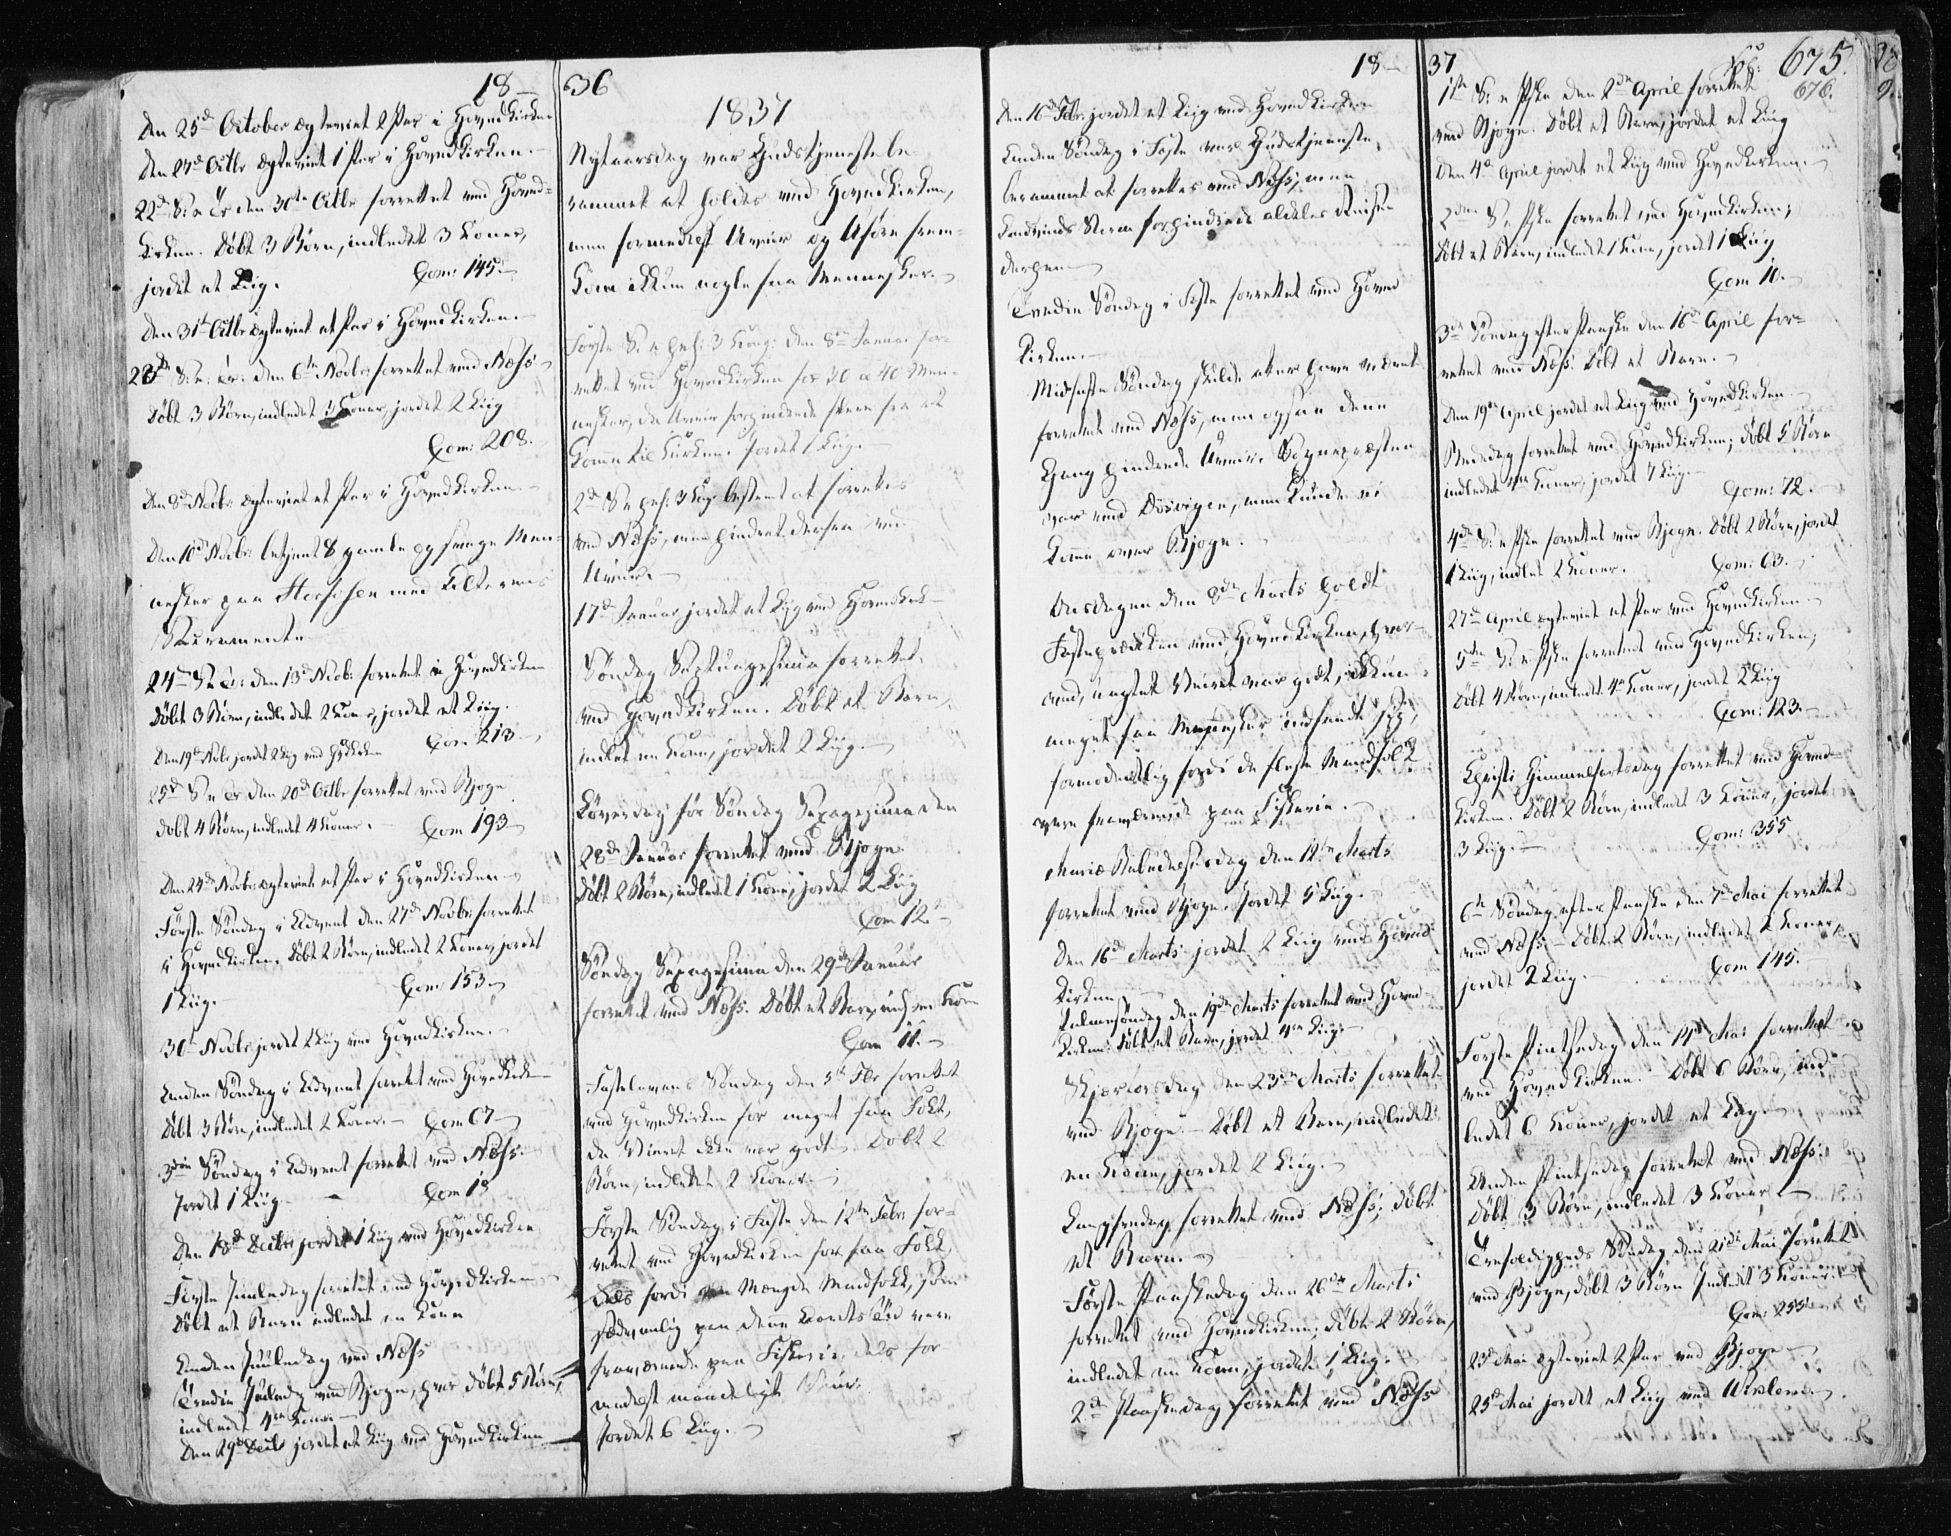 SAT, Ministerialprotokoller, klokkerbøker og fødselsregistre - Sør-Trøndelag, 659/L0735: Ministerialbok nr. 659A05, 1826-1841, s. 675